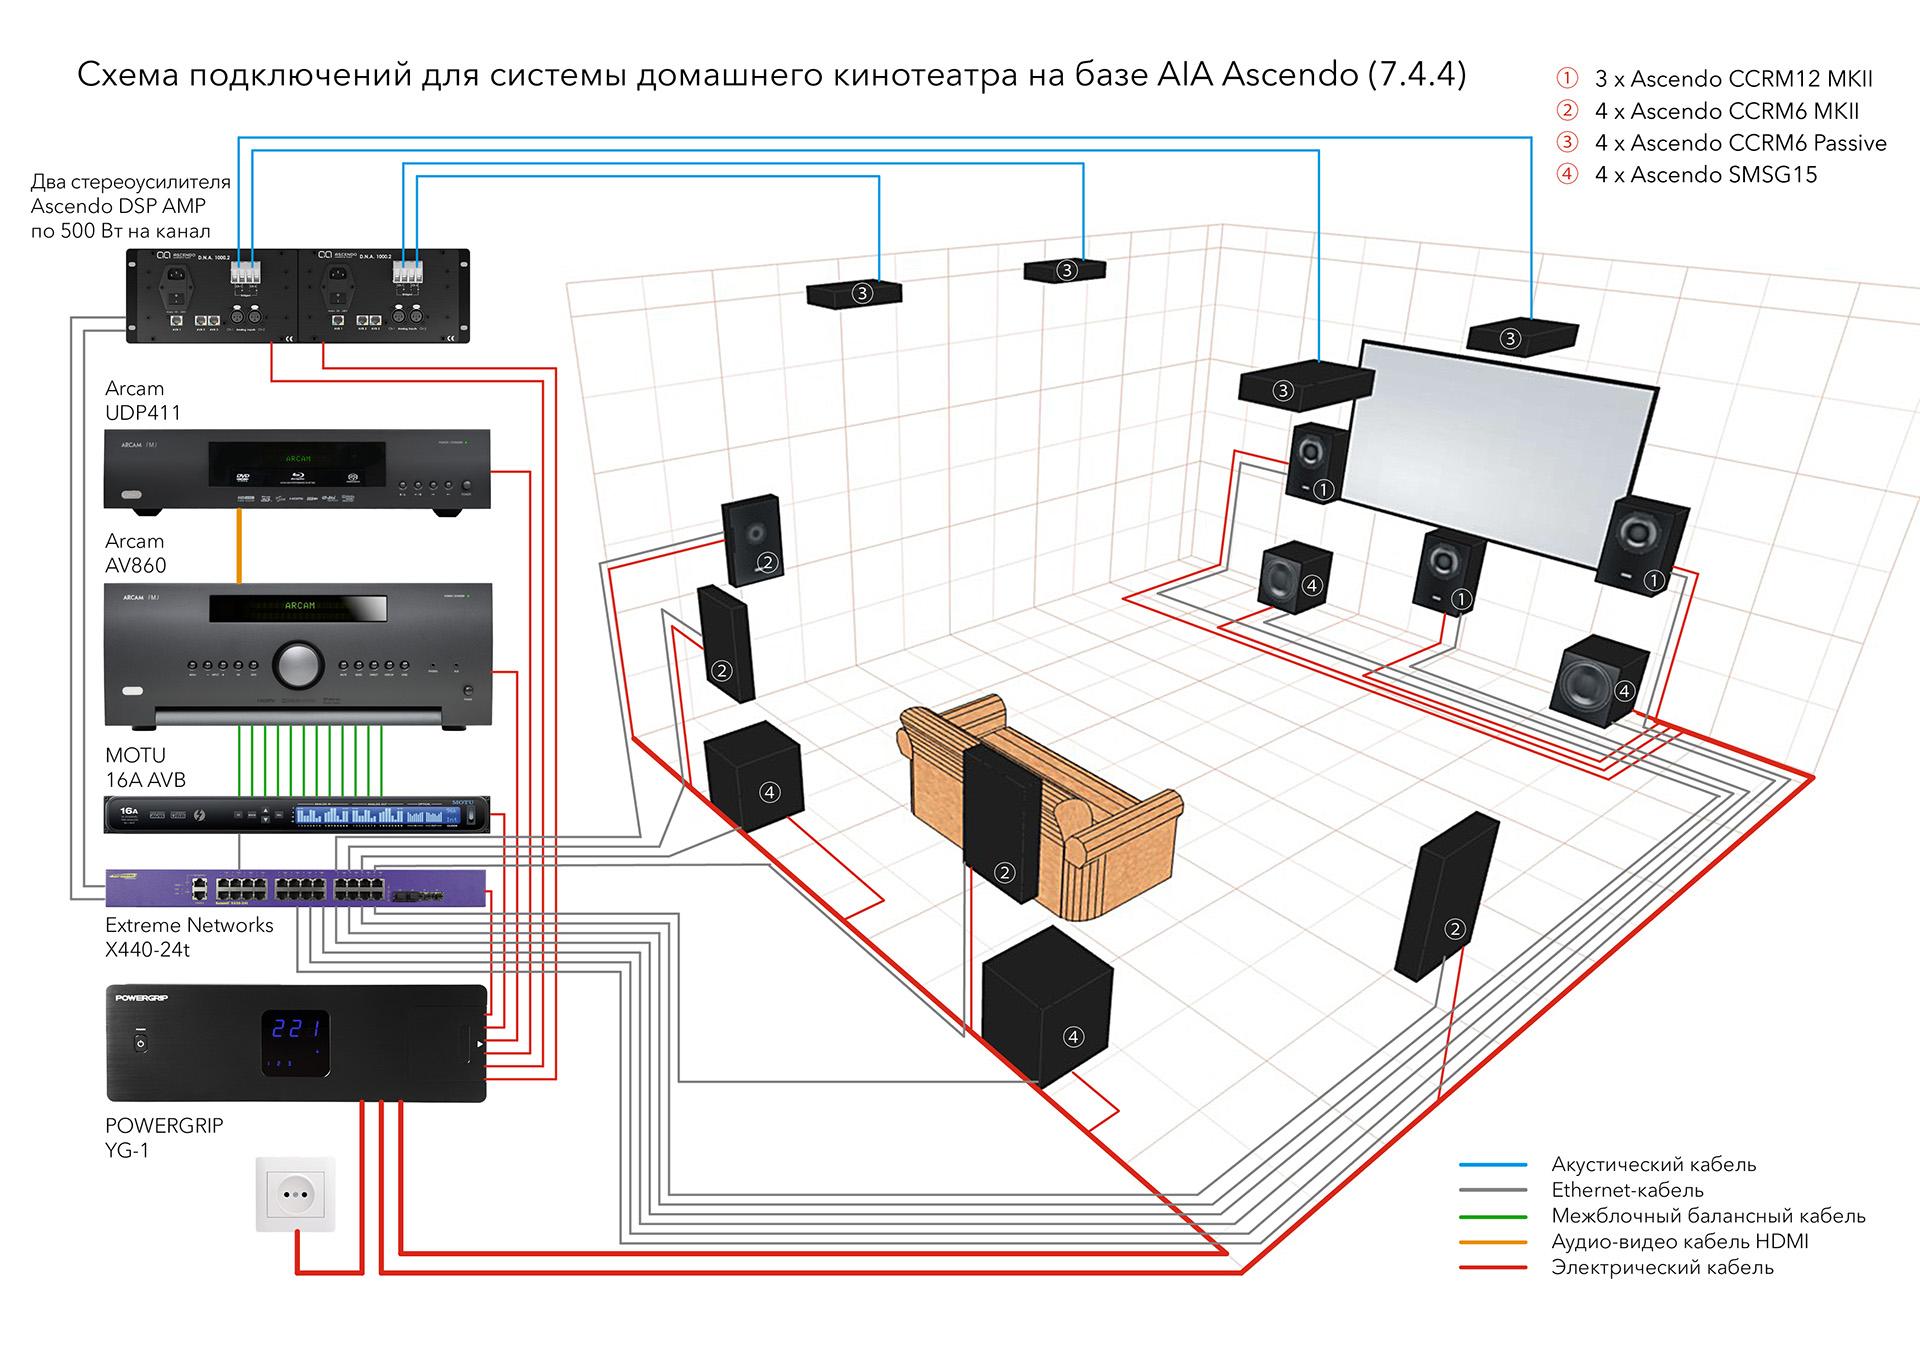 Схема подключений для системы домашнего кинотеатра на базе AIA Ascendo (7.4.4)